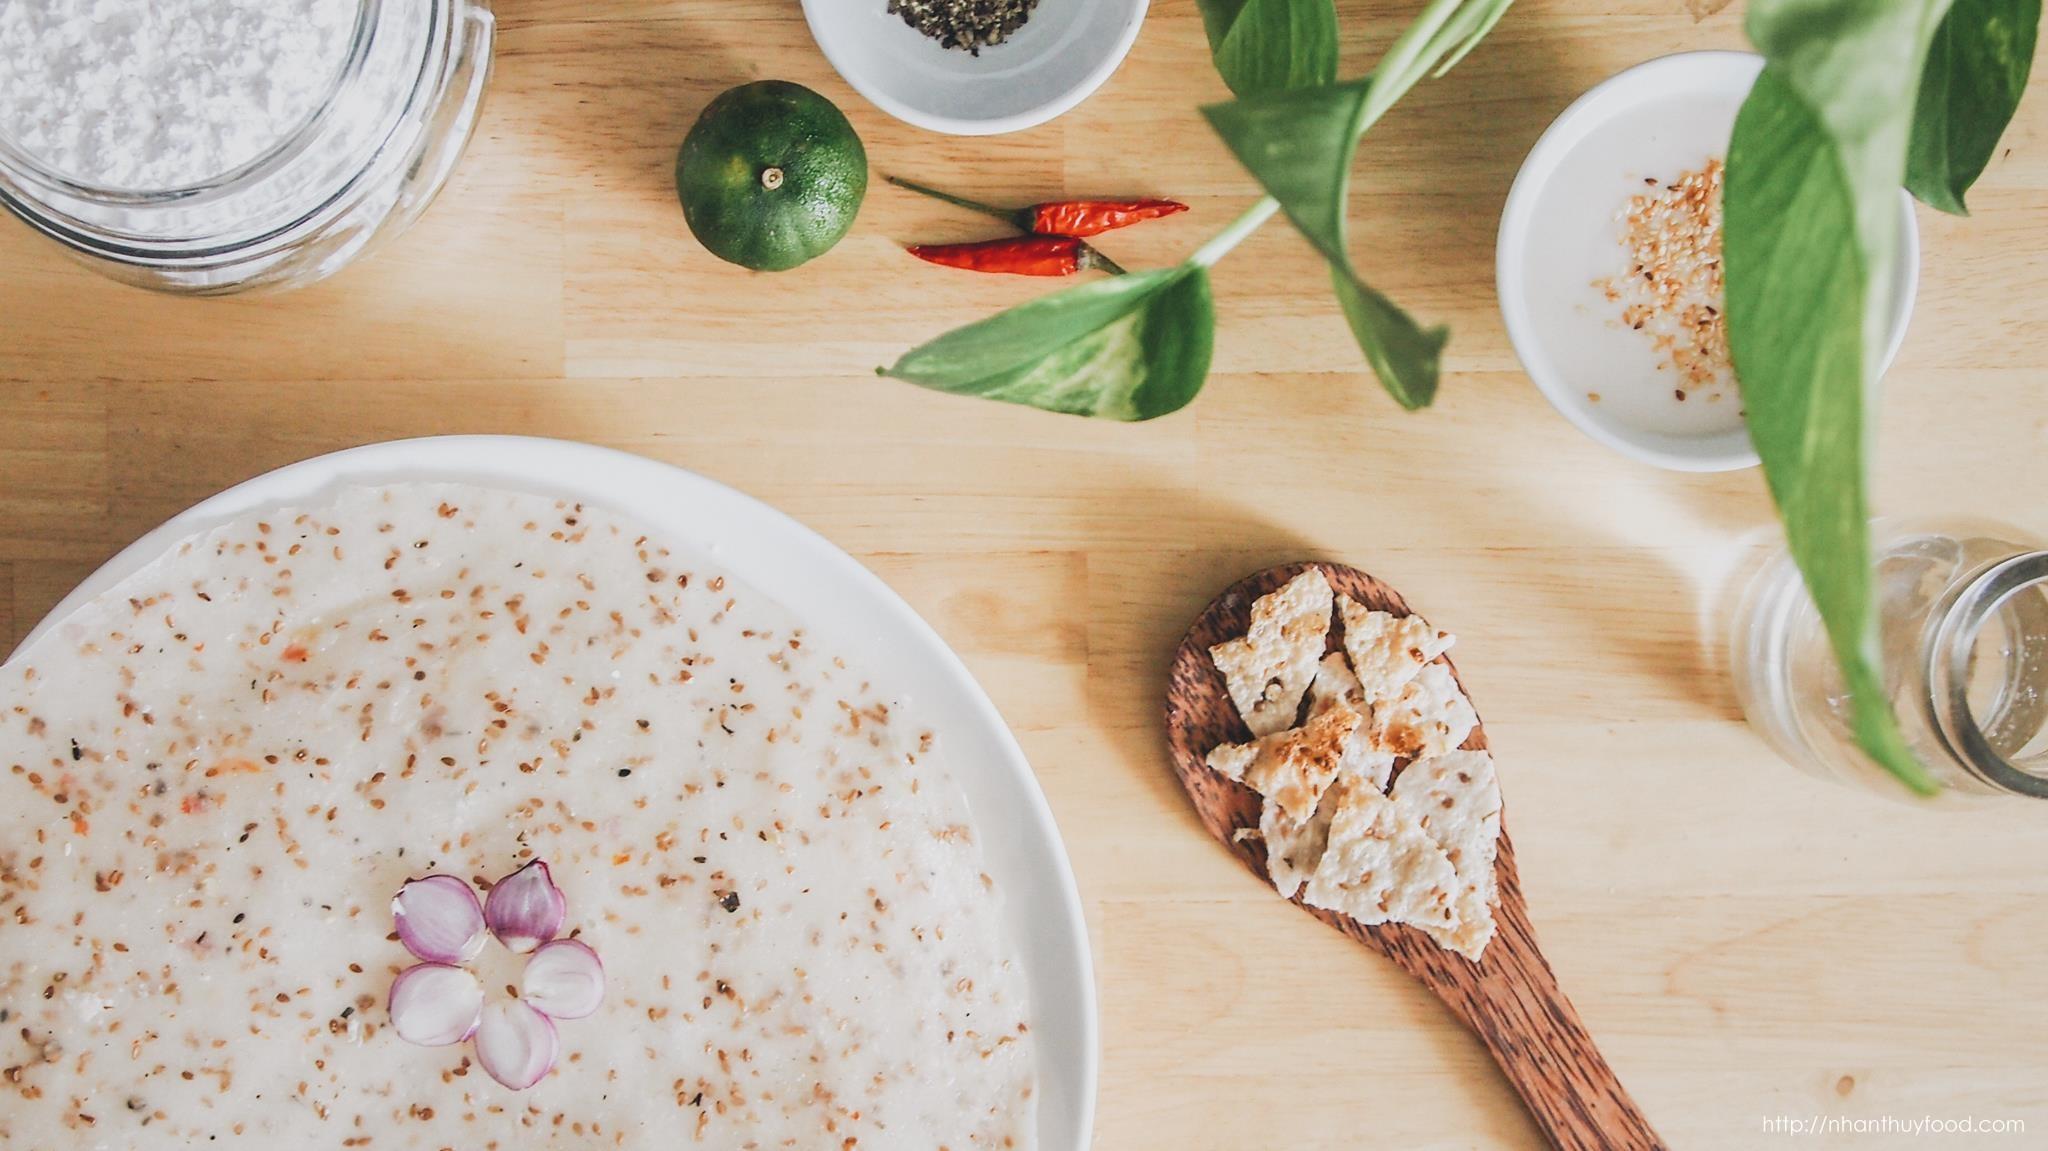 bánh tráng dừa Nhân Thuỳ, Tam Quan, Bình Định